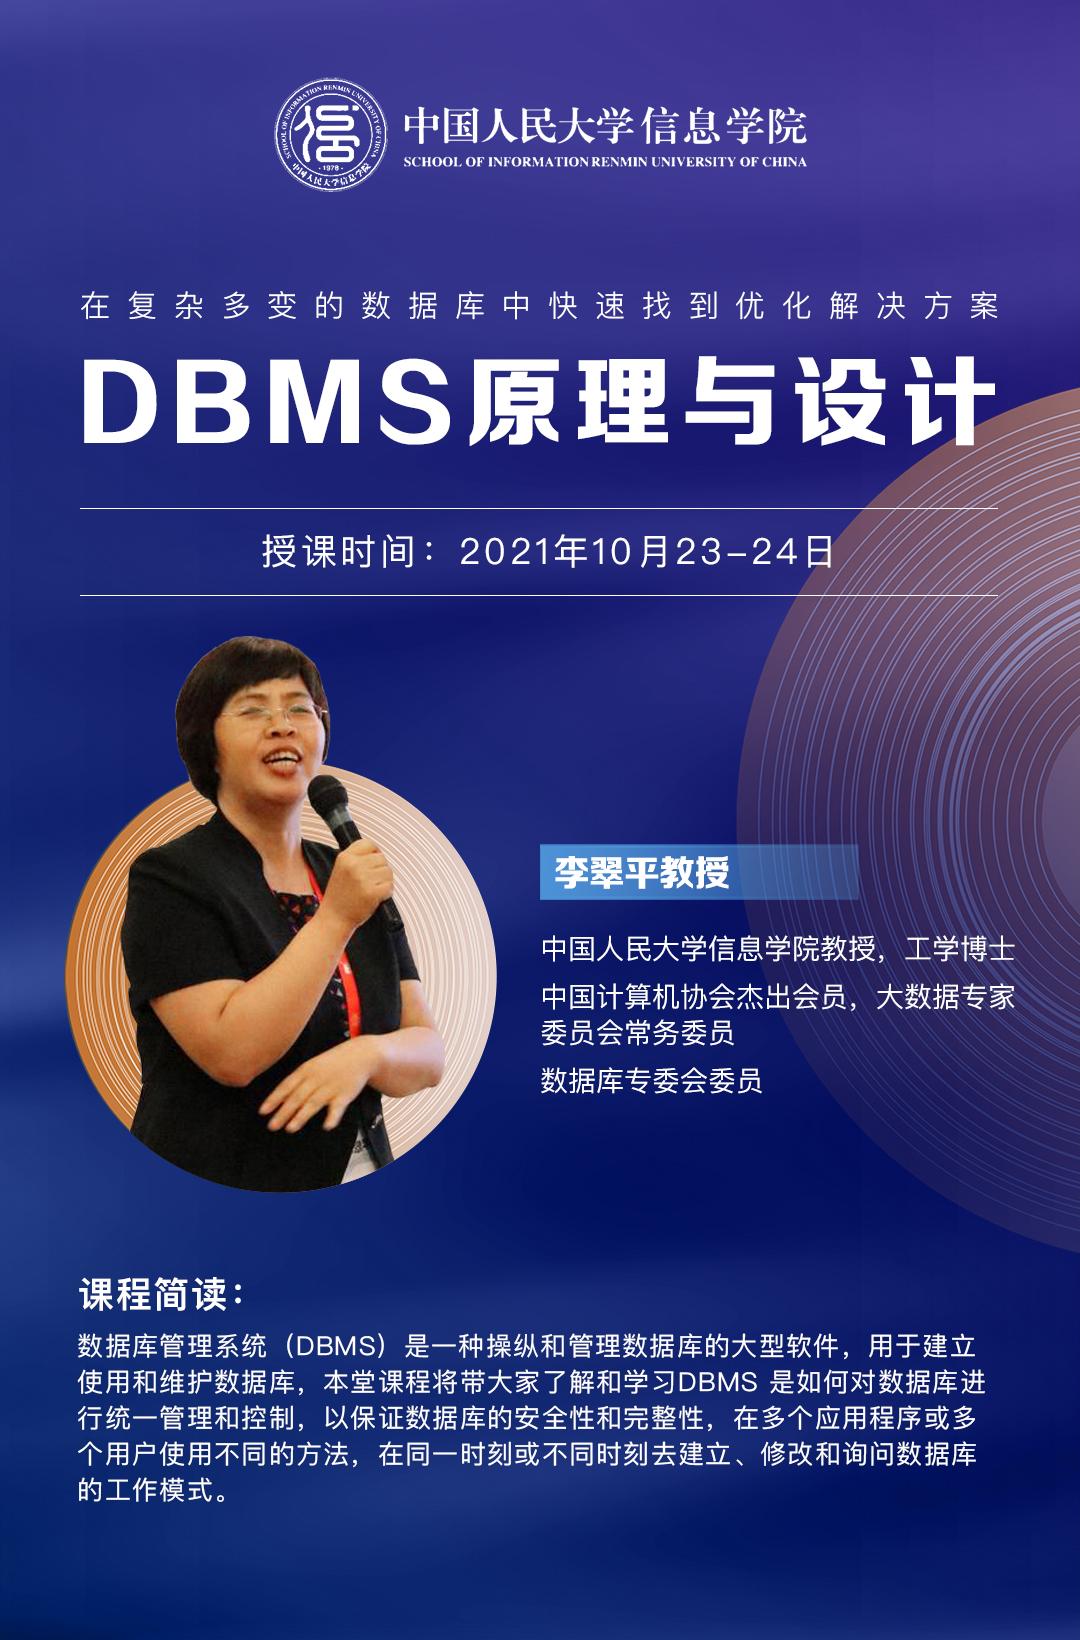 中国人民大学信息学院计算机专业在职课程培训班(DBMS)广州地区上课通知